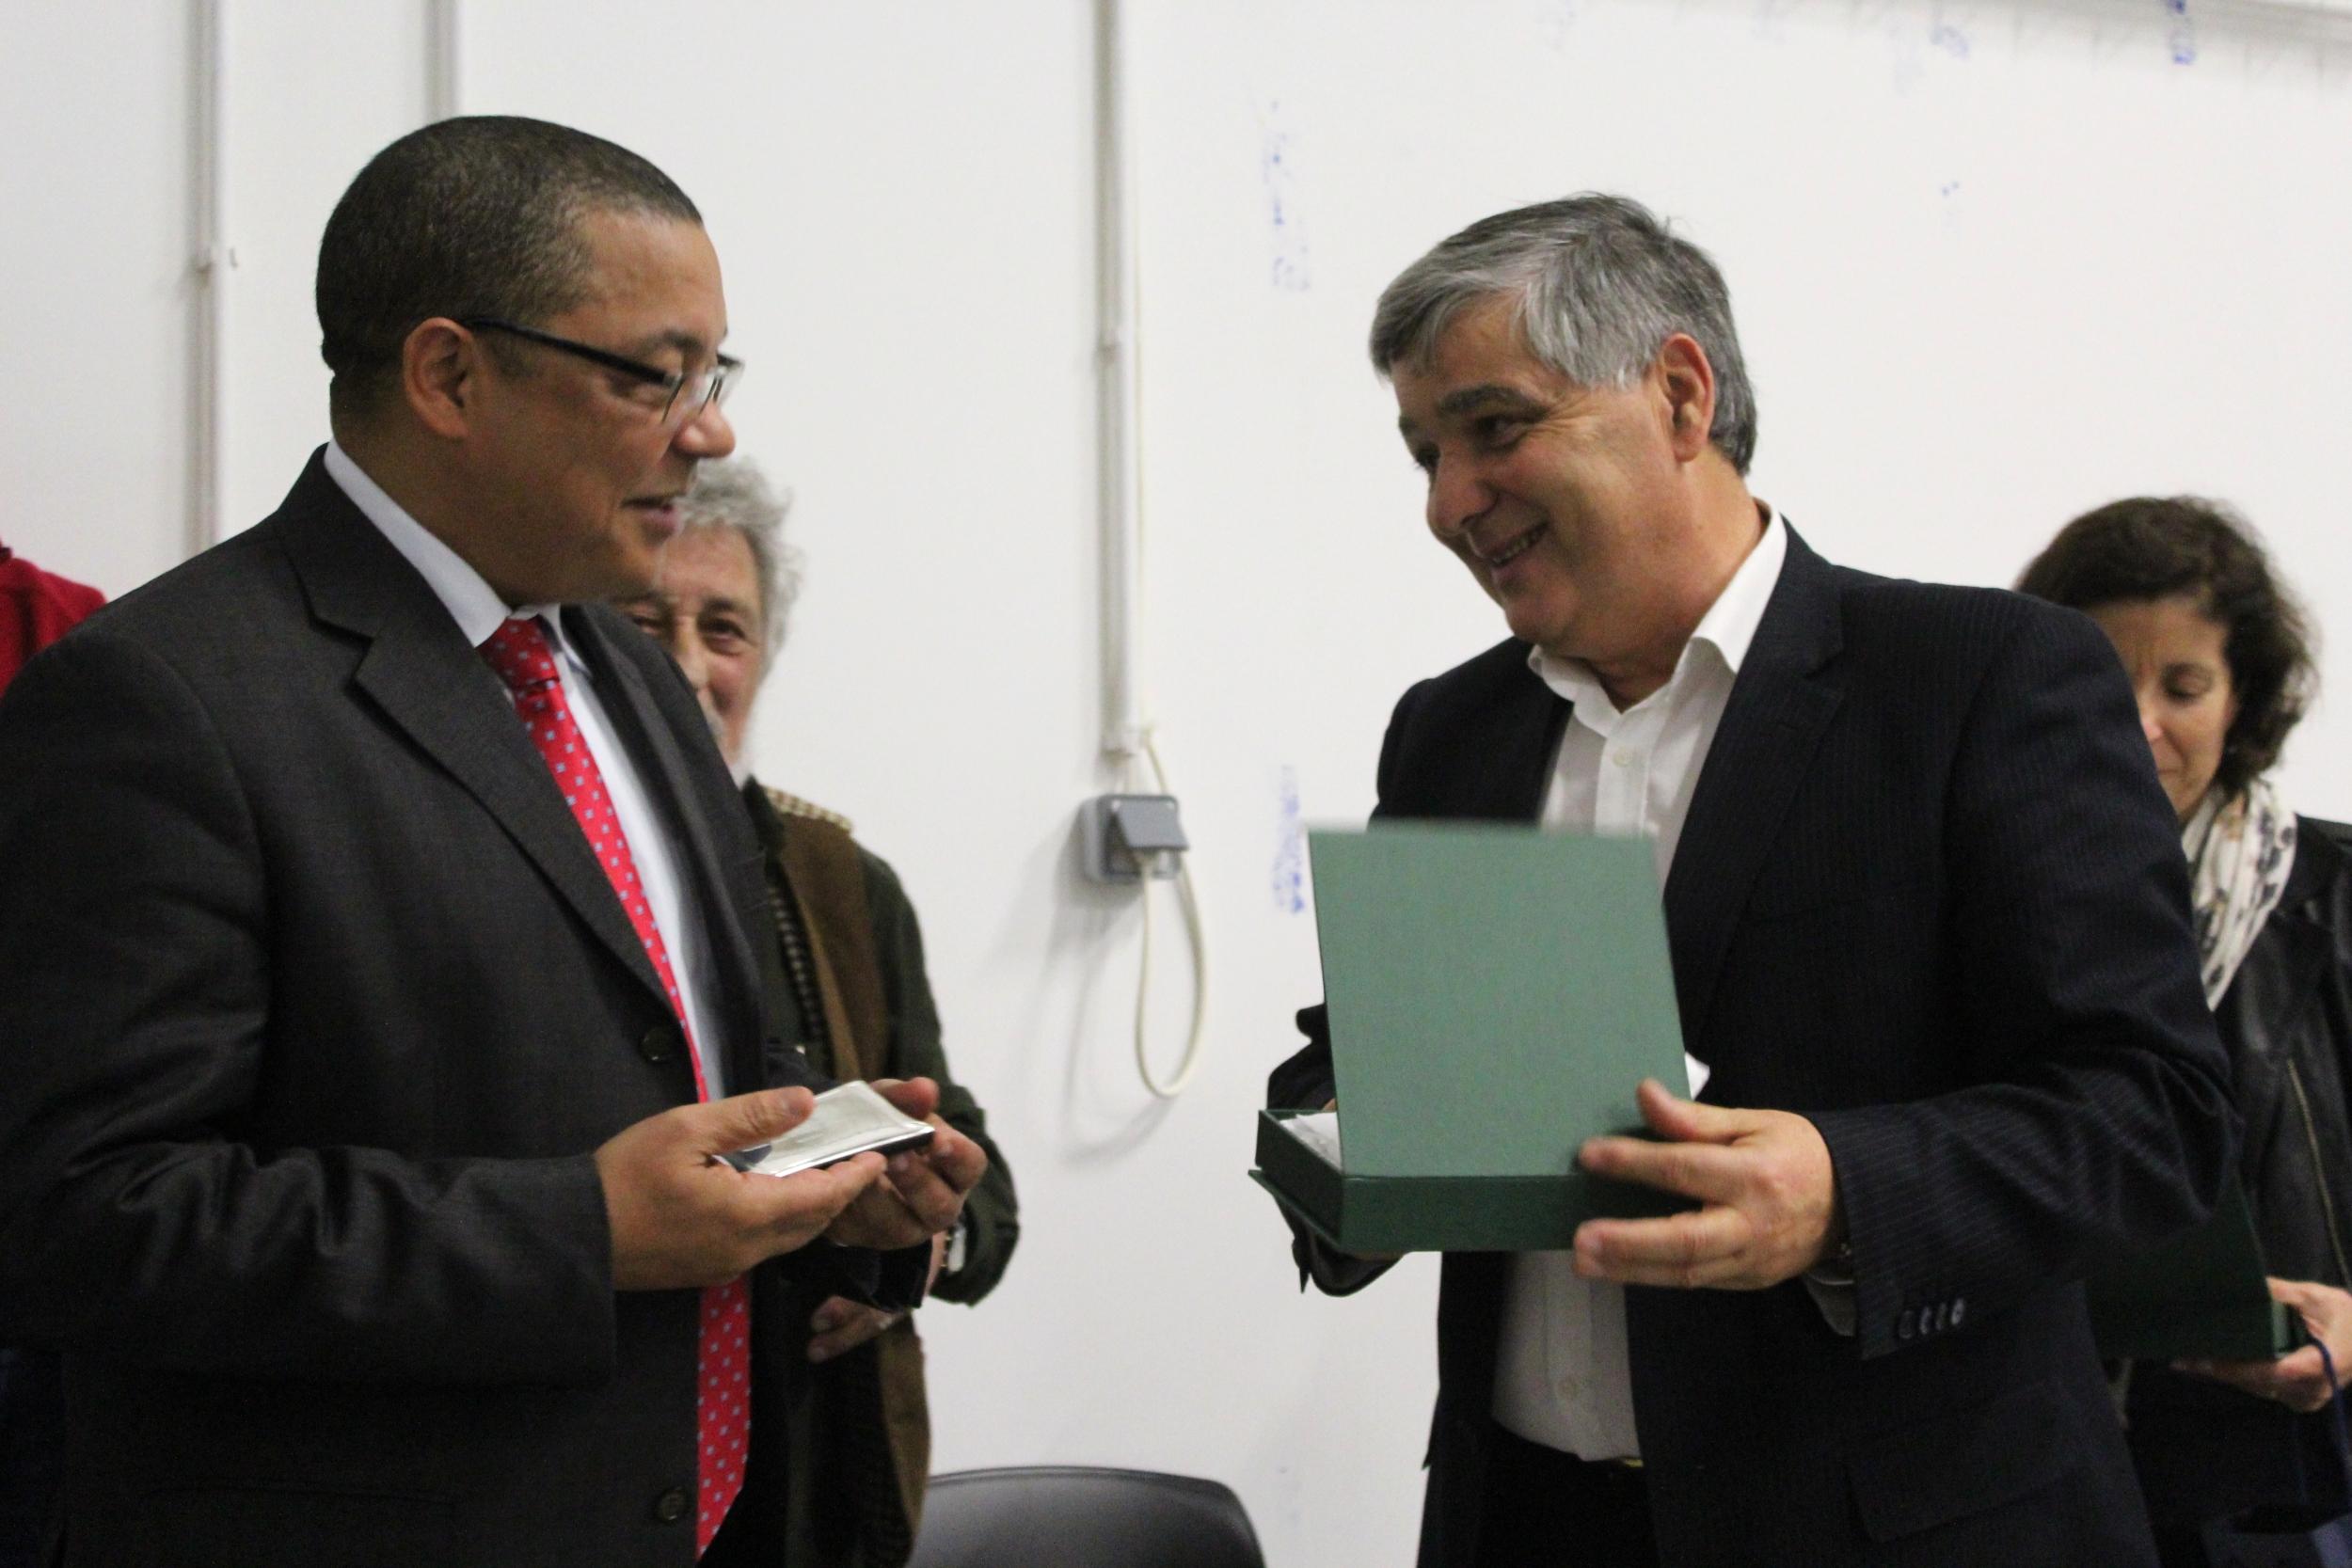 Festa Despedida Professor Henrique e Correia da Silva 16 (22)